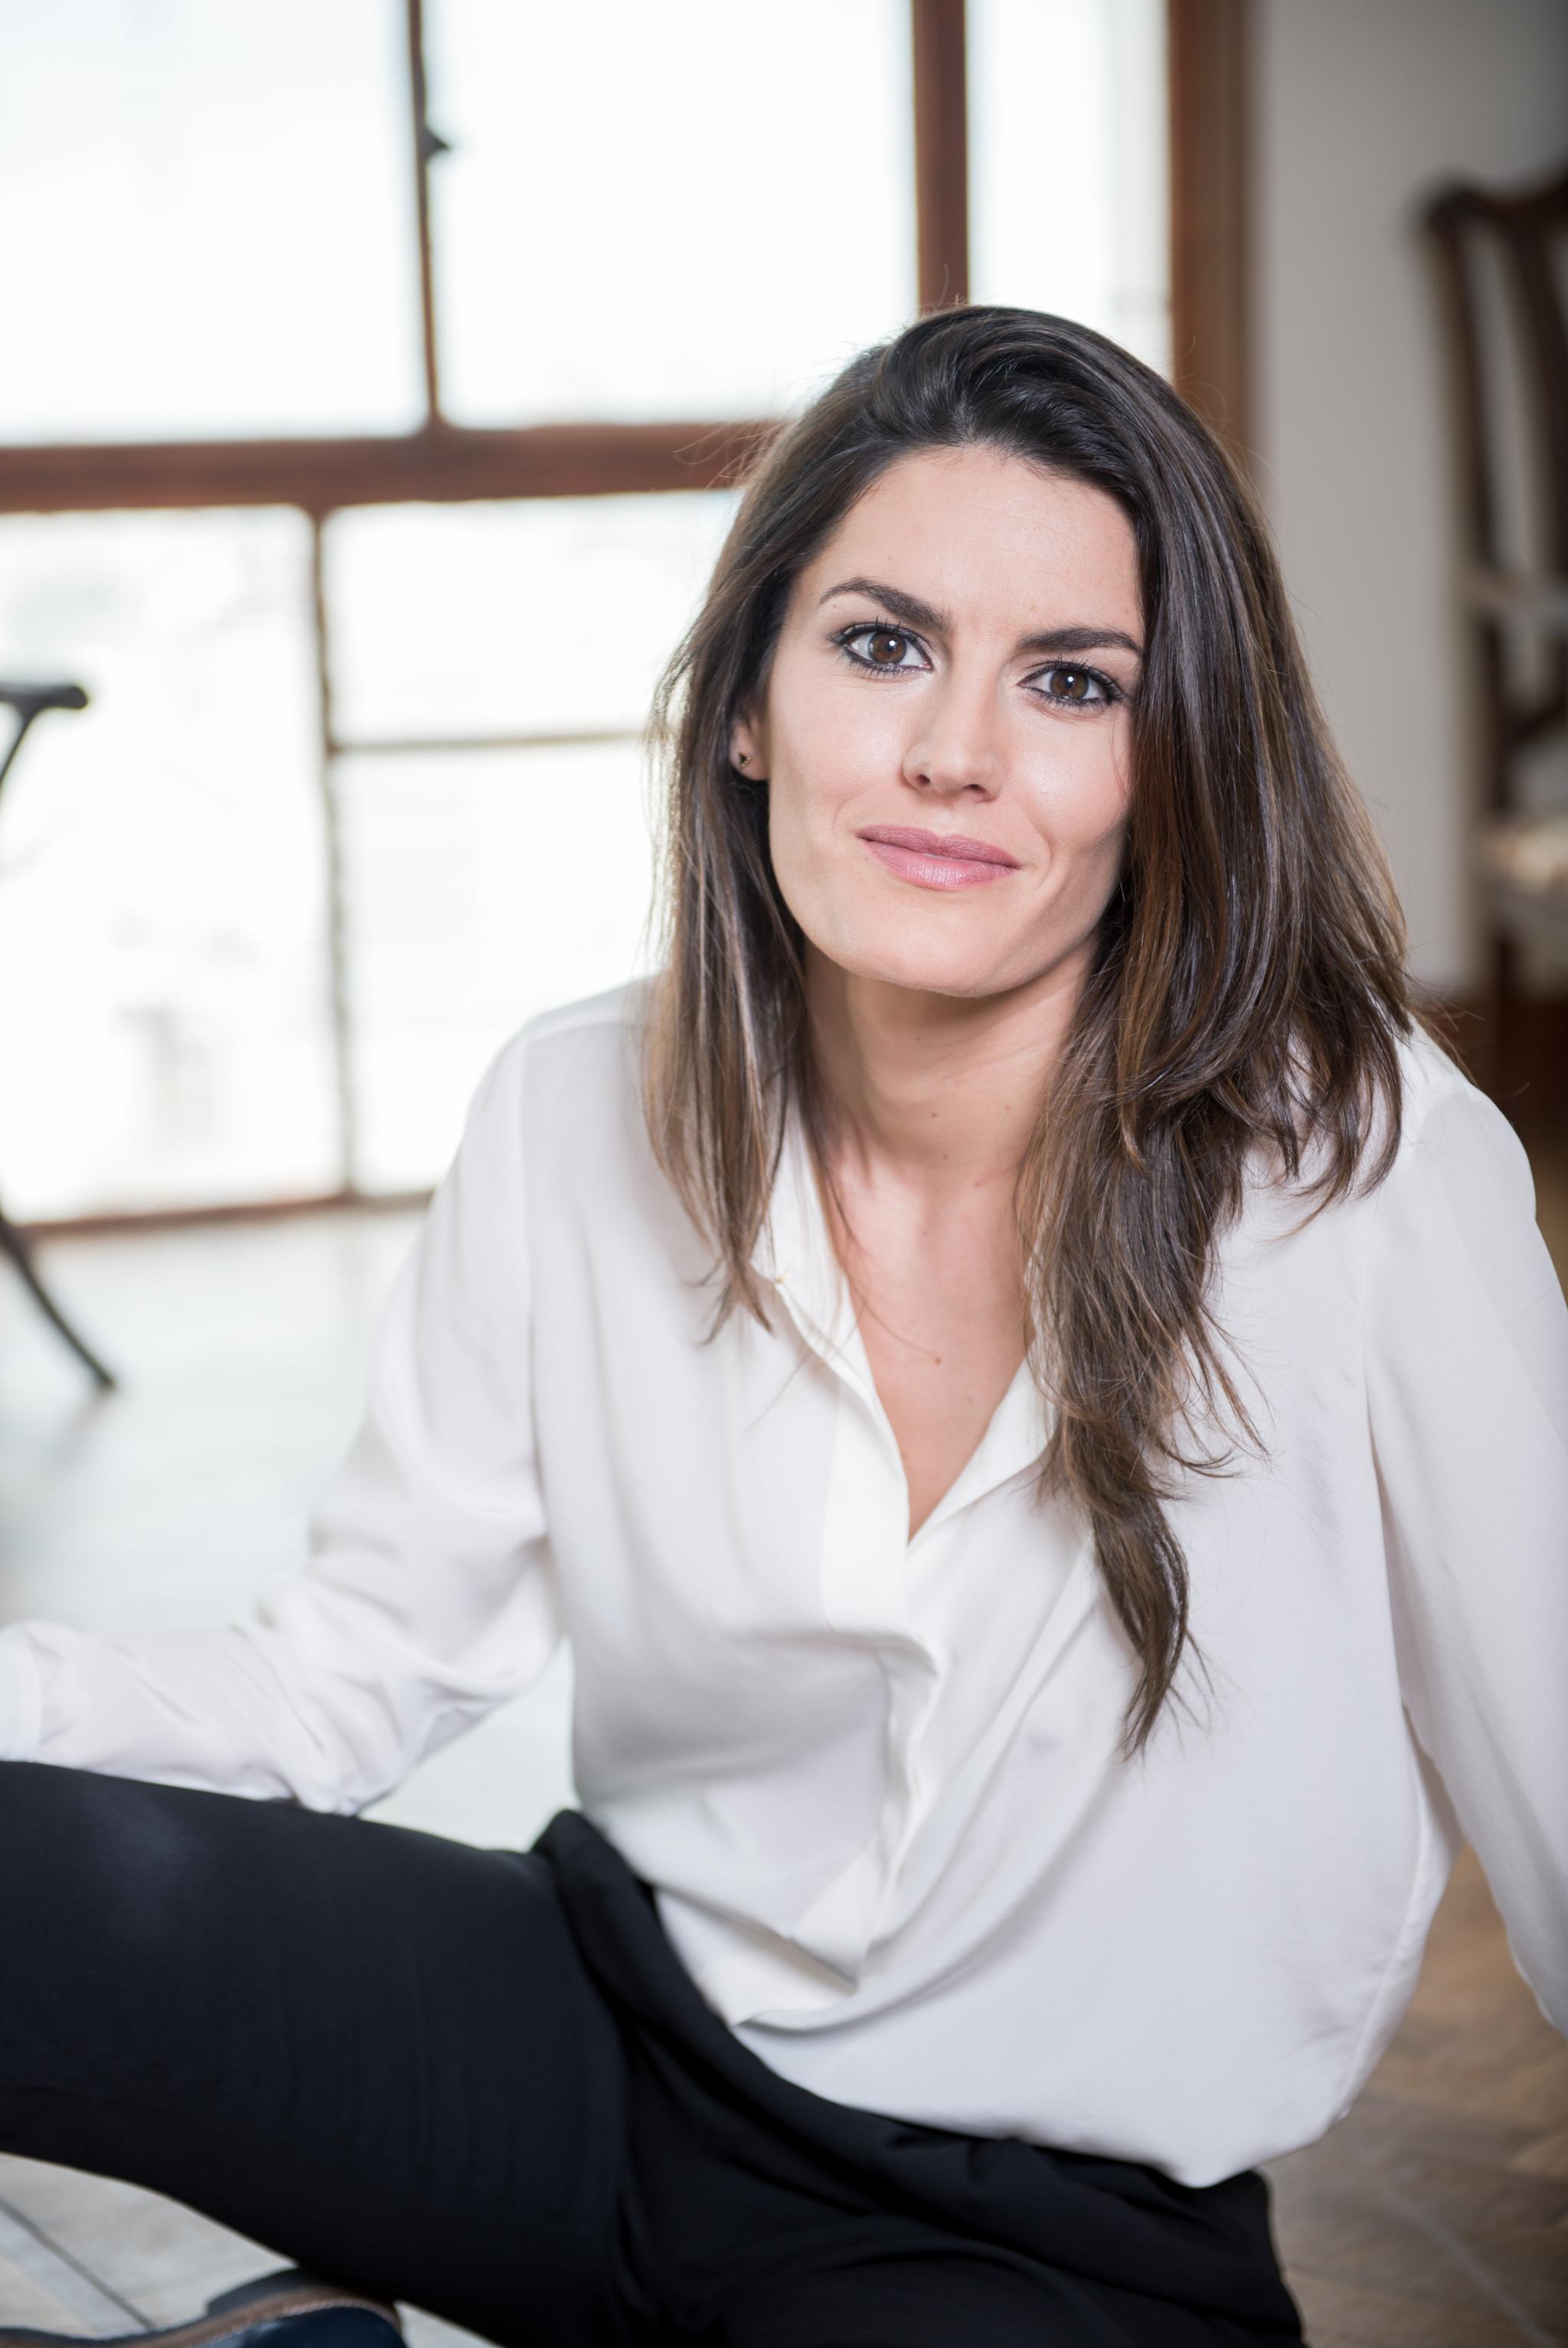 La empresaria Rebeca Minguela